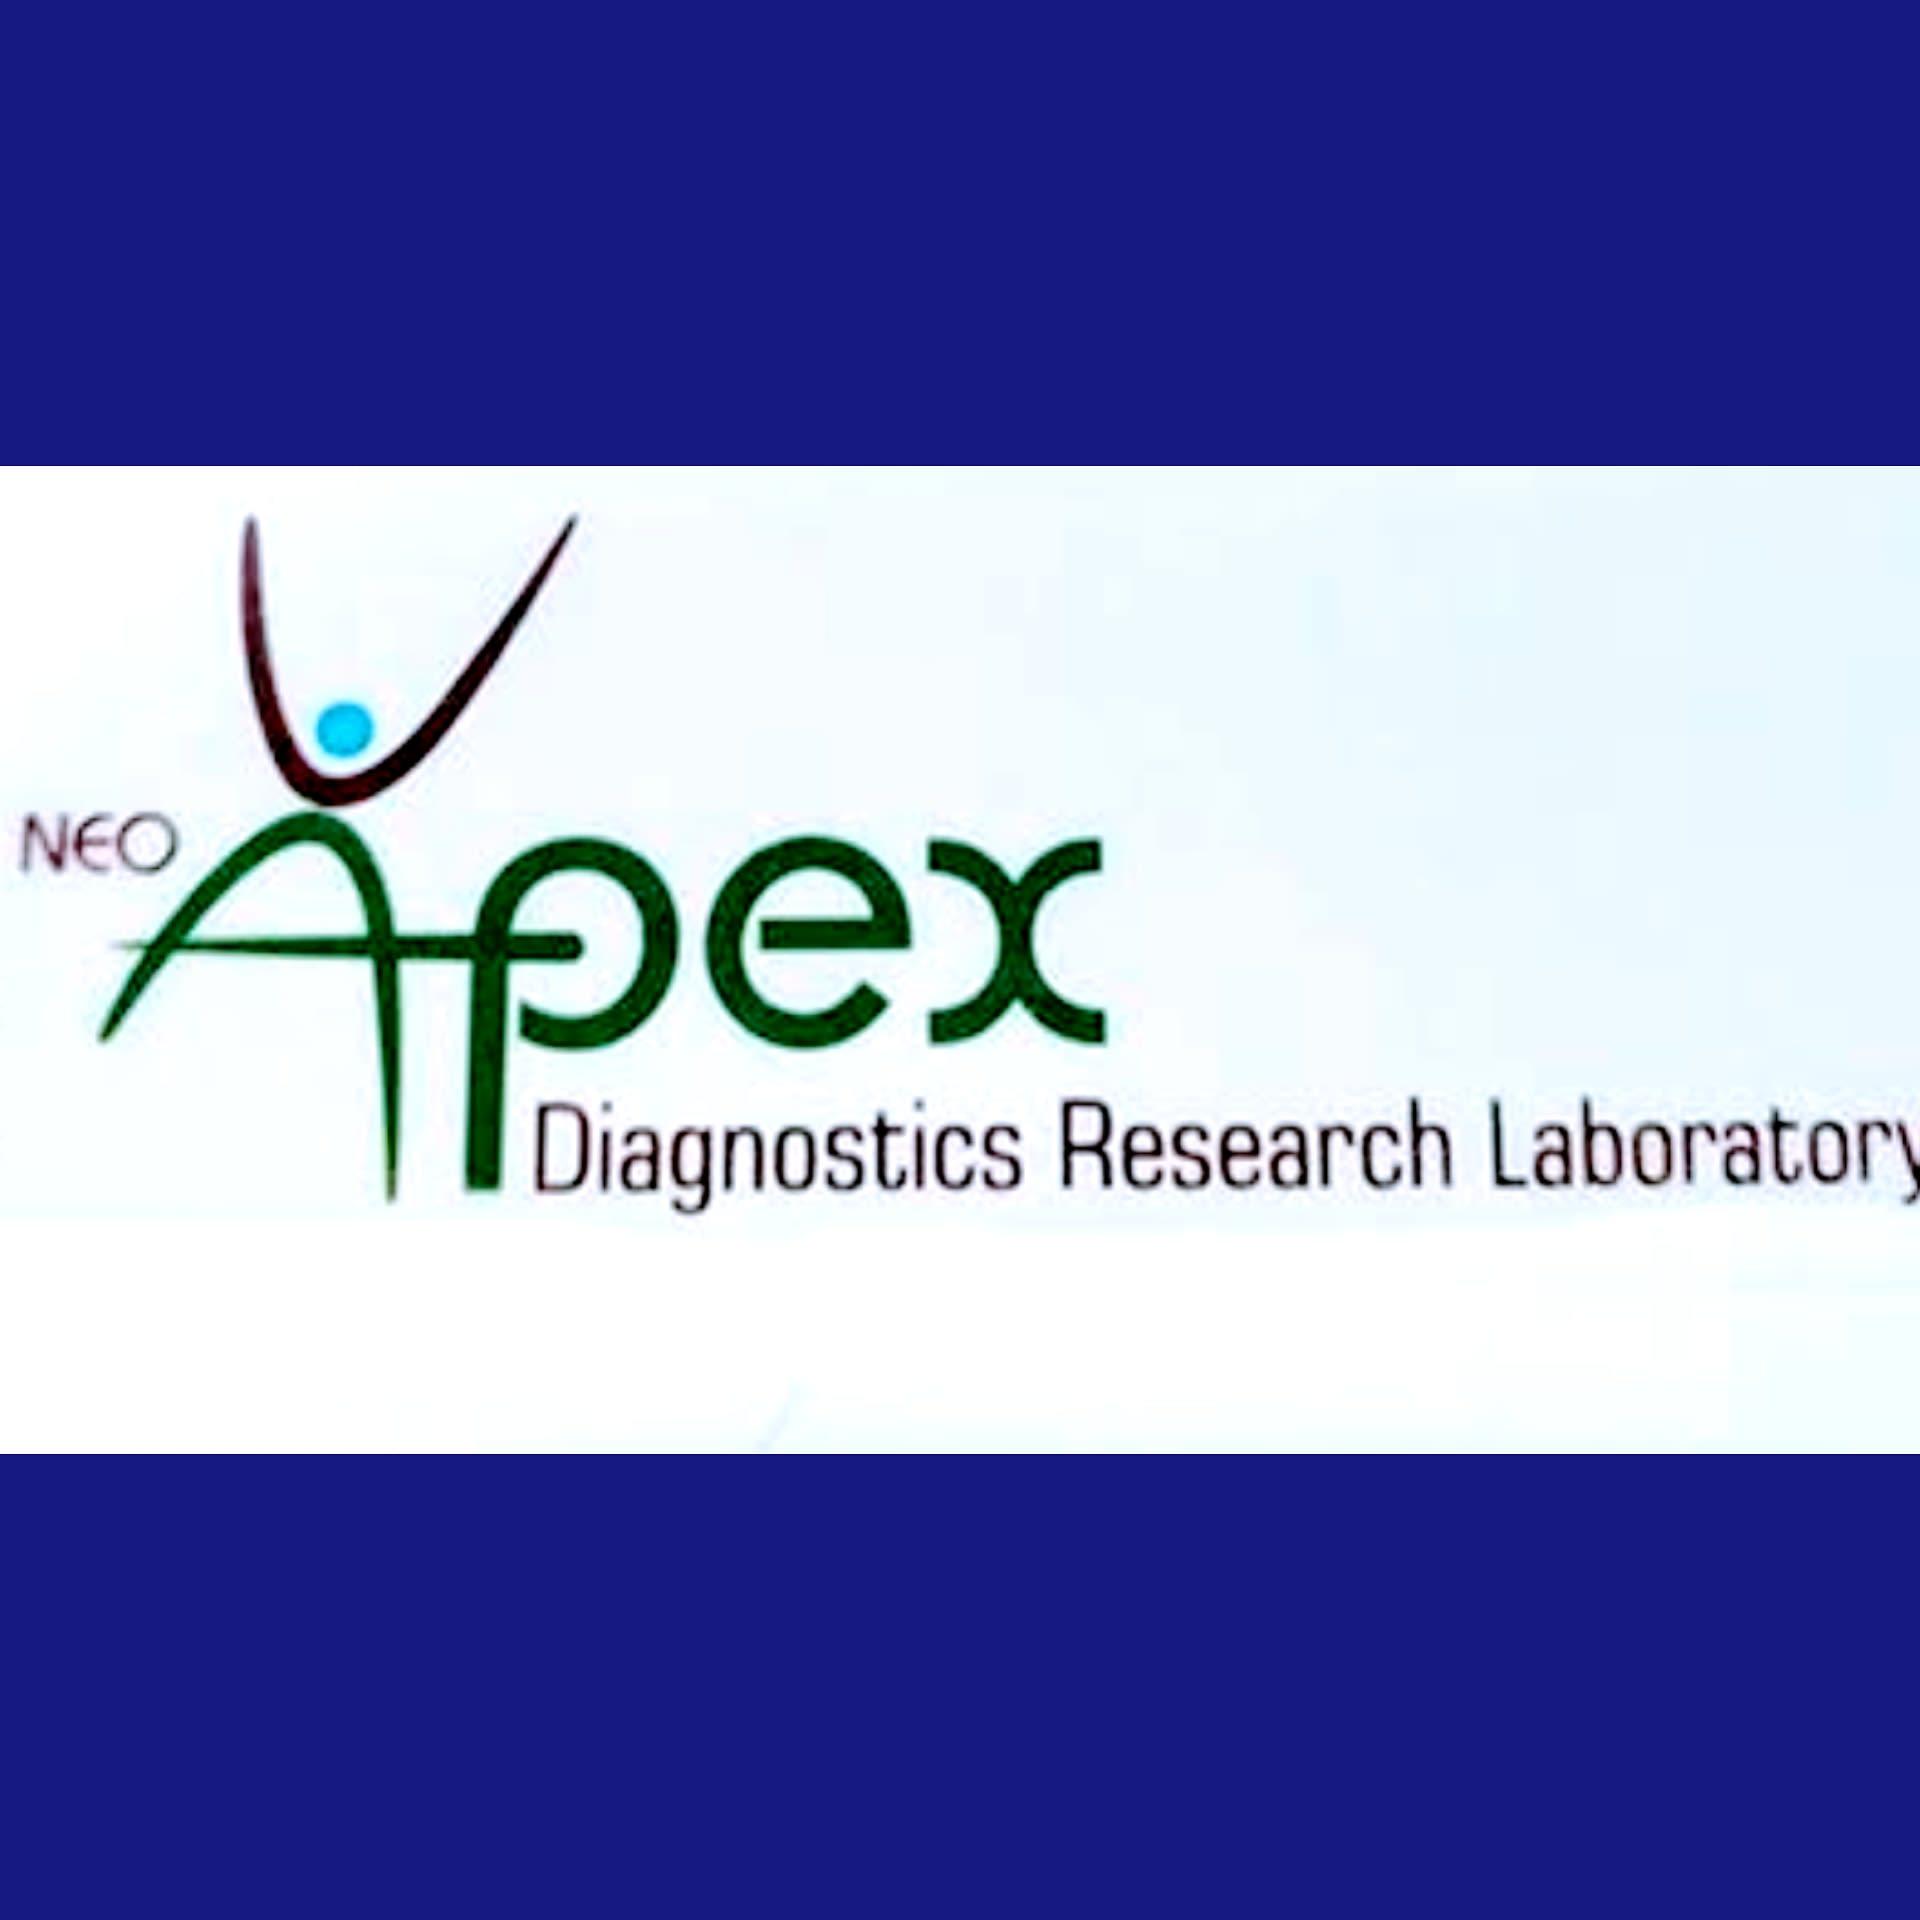 Neo Apex Diagnostics & Research Laboratory